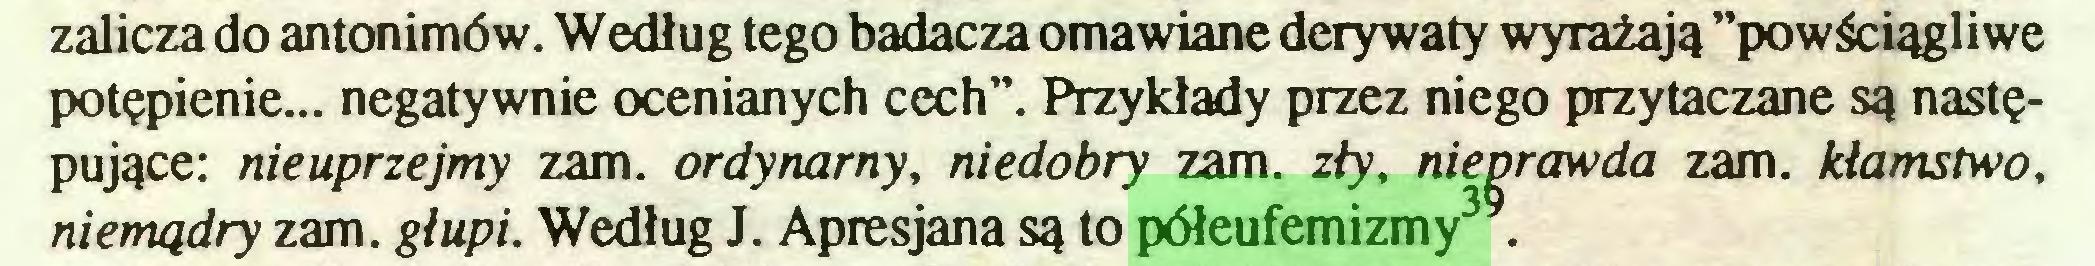 """(...) zalicza do antonimów. Według tego badacza omawiane derywaty wyrażają ''powściągliwe potępienie... negatywnie ocenianych cech"""". Przykłady przez niego przytaczane są następujące: nieuprzejmy zam. ordynarny, niedobry zam. zły, nieprawda zam. kłamstwo, niemądry zam. głupi. Według J. Apresjana są to półeufemizmy3 ..."""